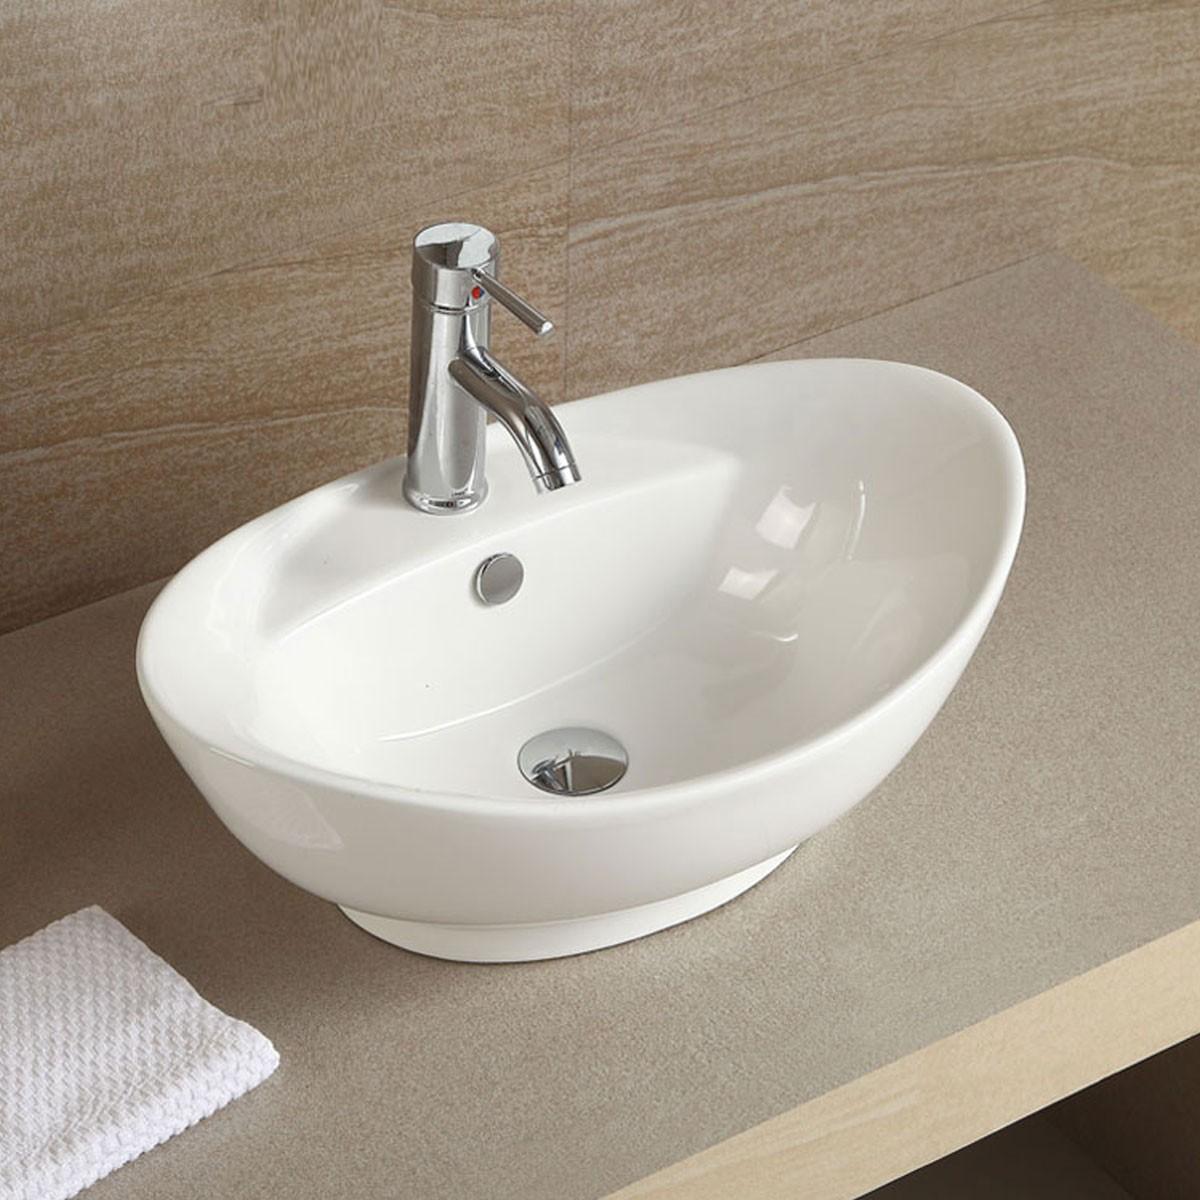 Lavabo Salle De Bain Ovale ~ lavabo vasque ovale de dessus de comptoir en c ramique blanche cl